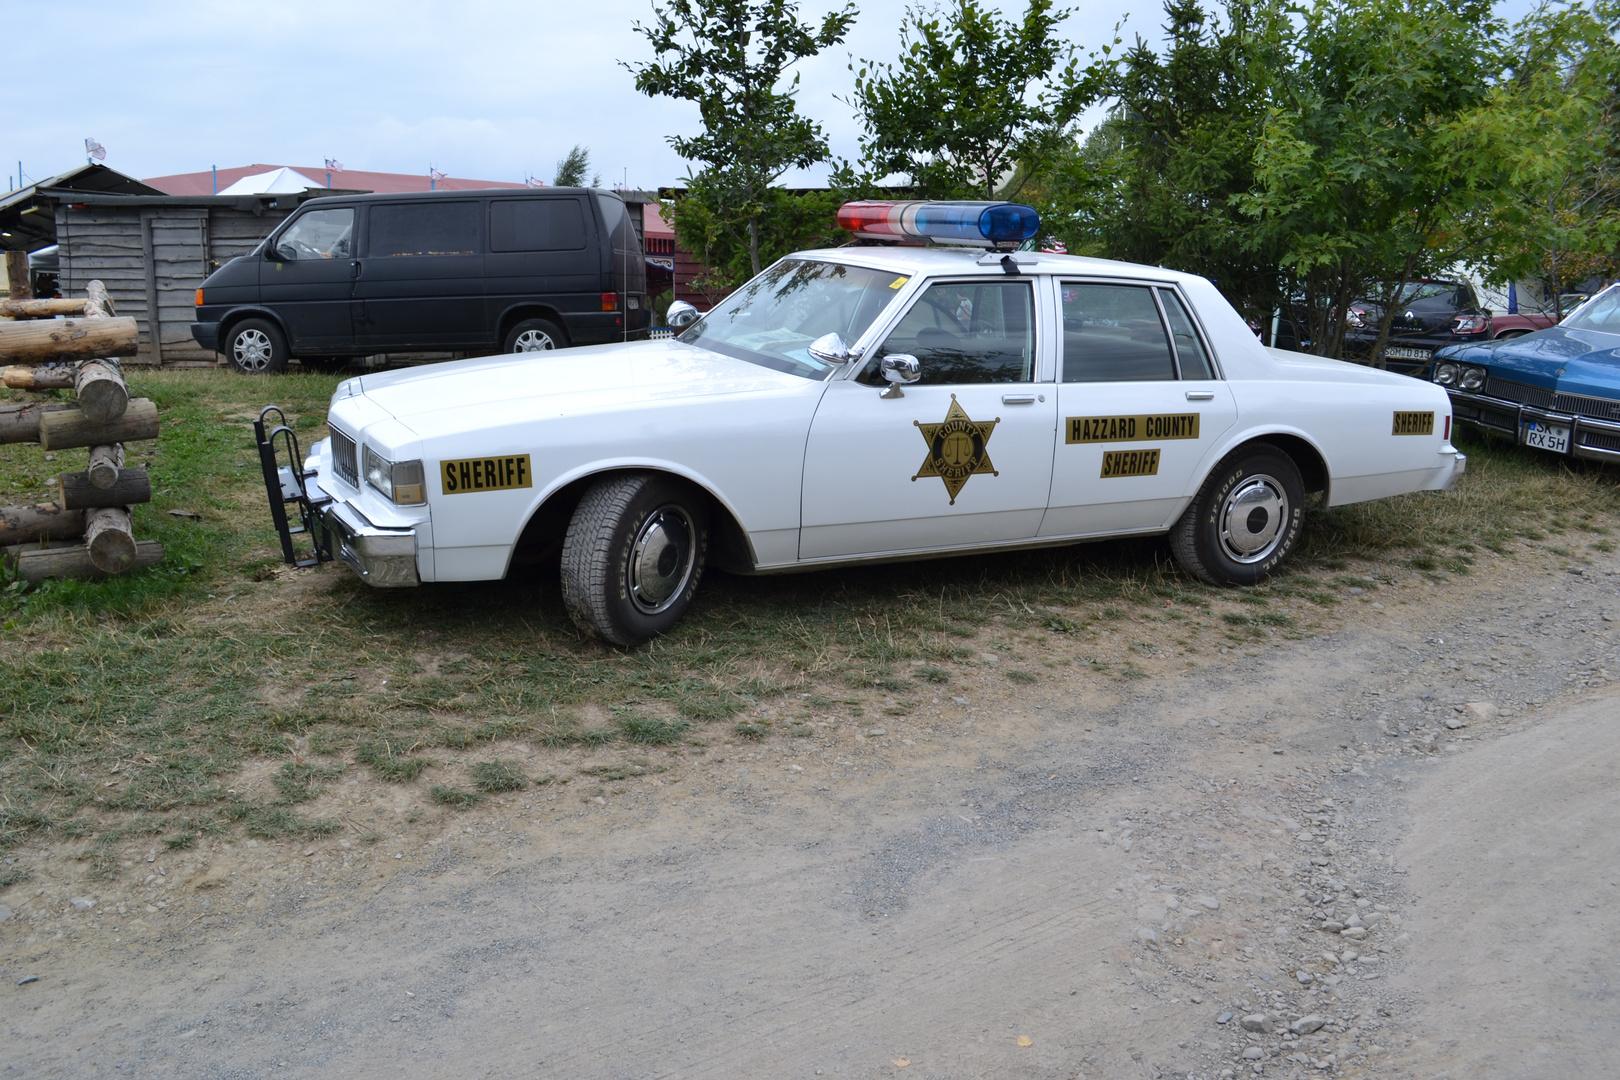 Cop Car Hazzard County